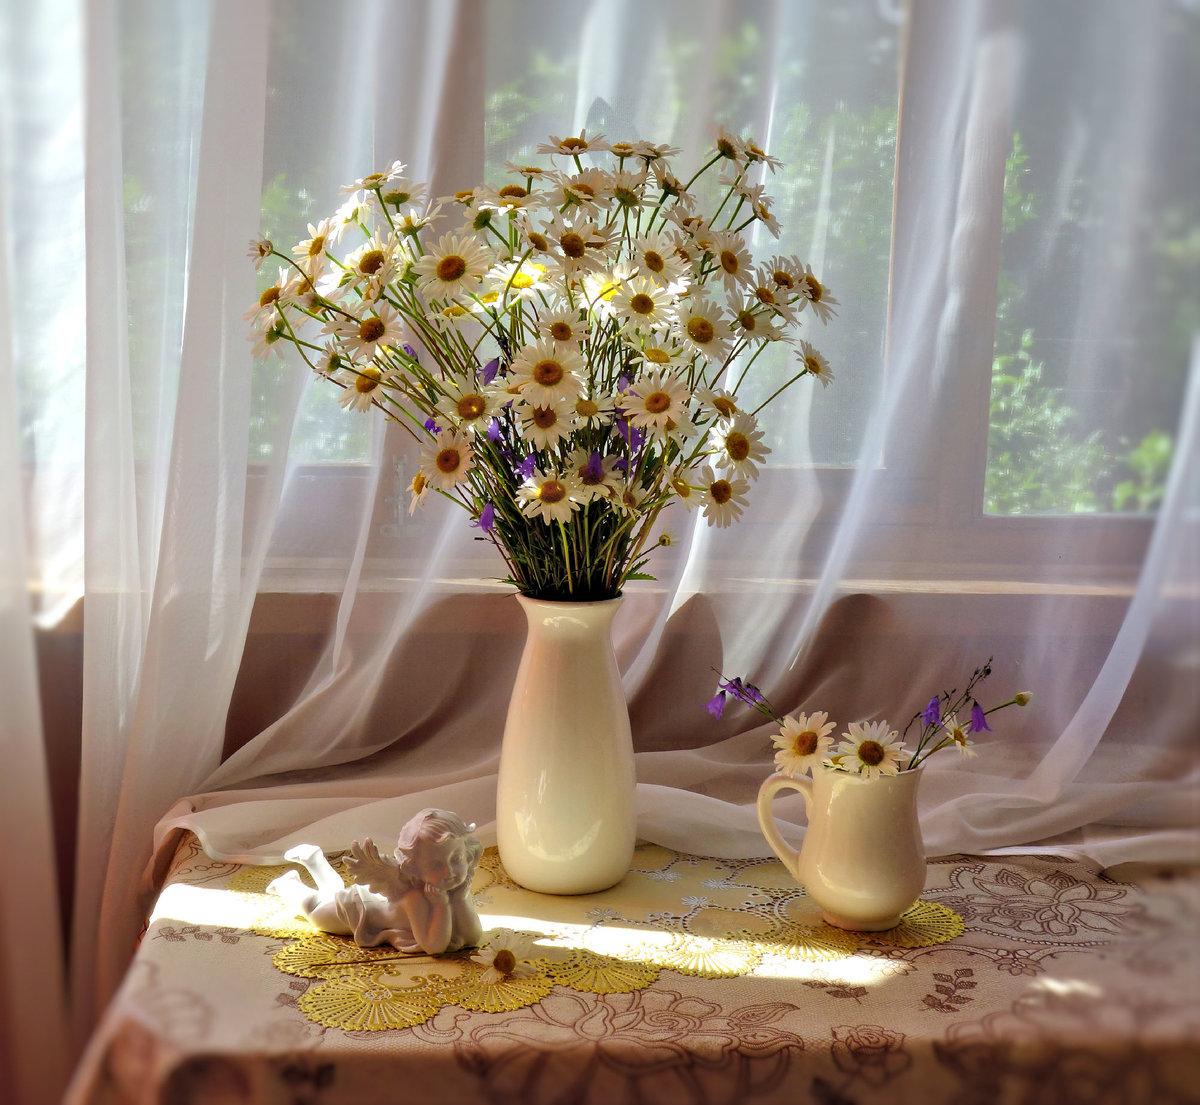 фото профи ромашки в кувшине на окне